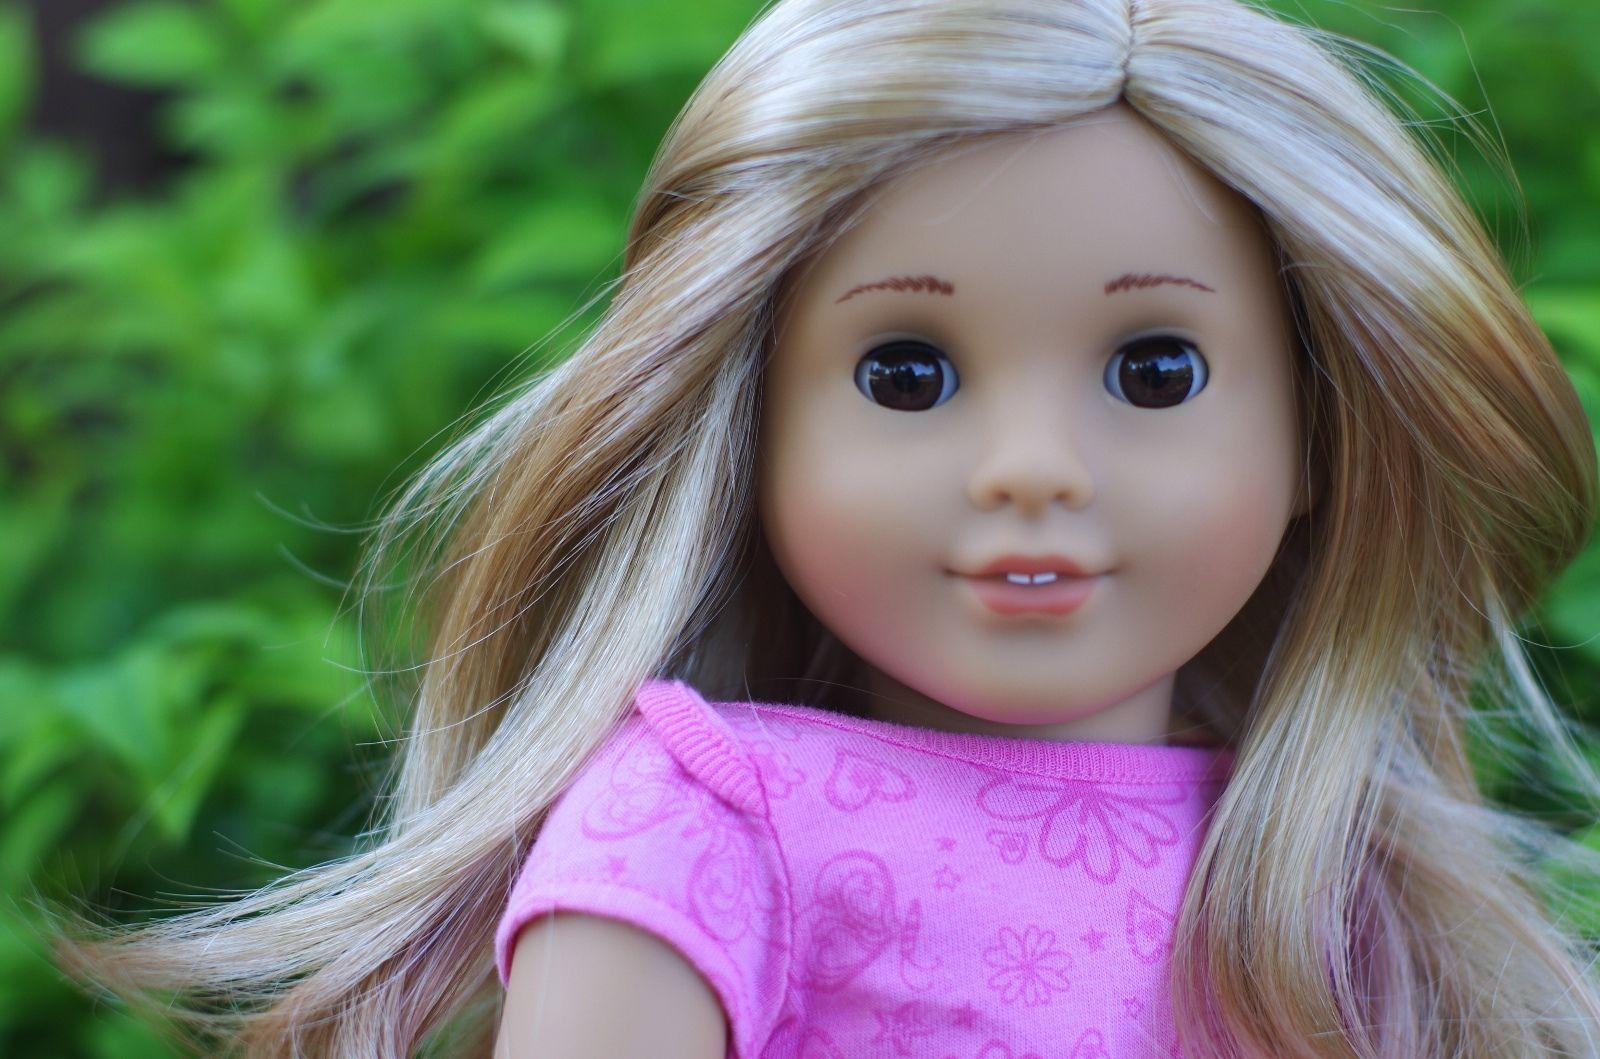 American girl doll custom marie grace myag blonde wig brown eyes